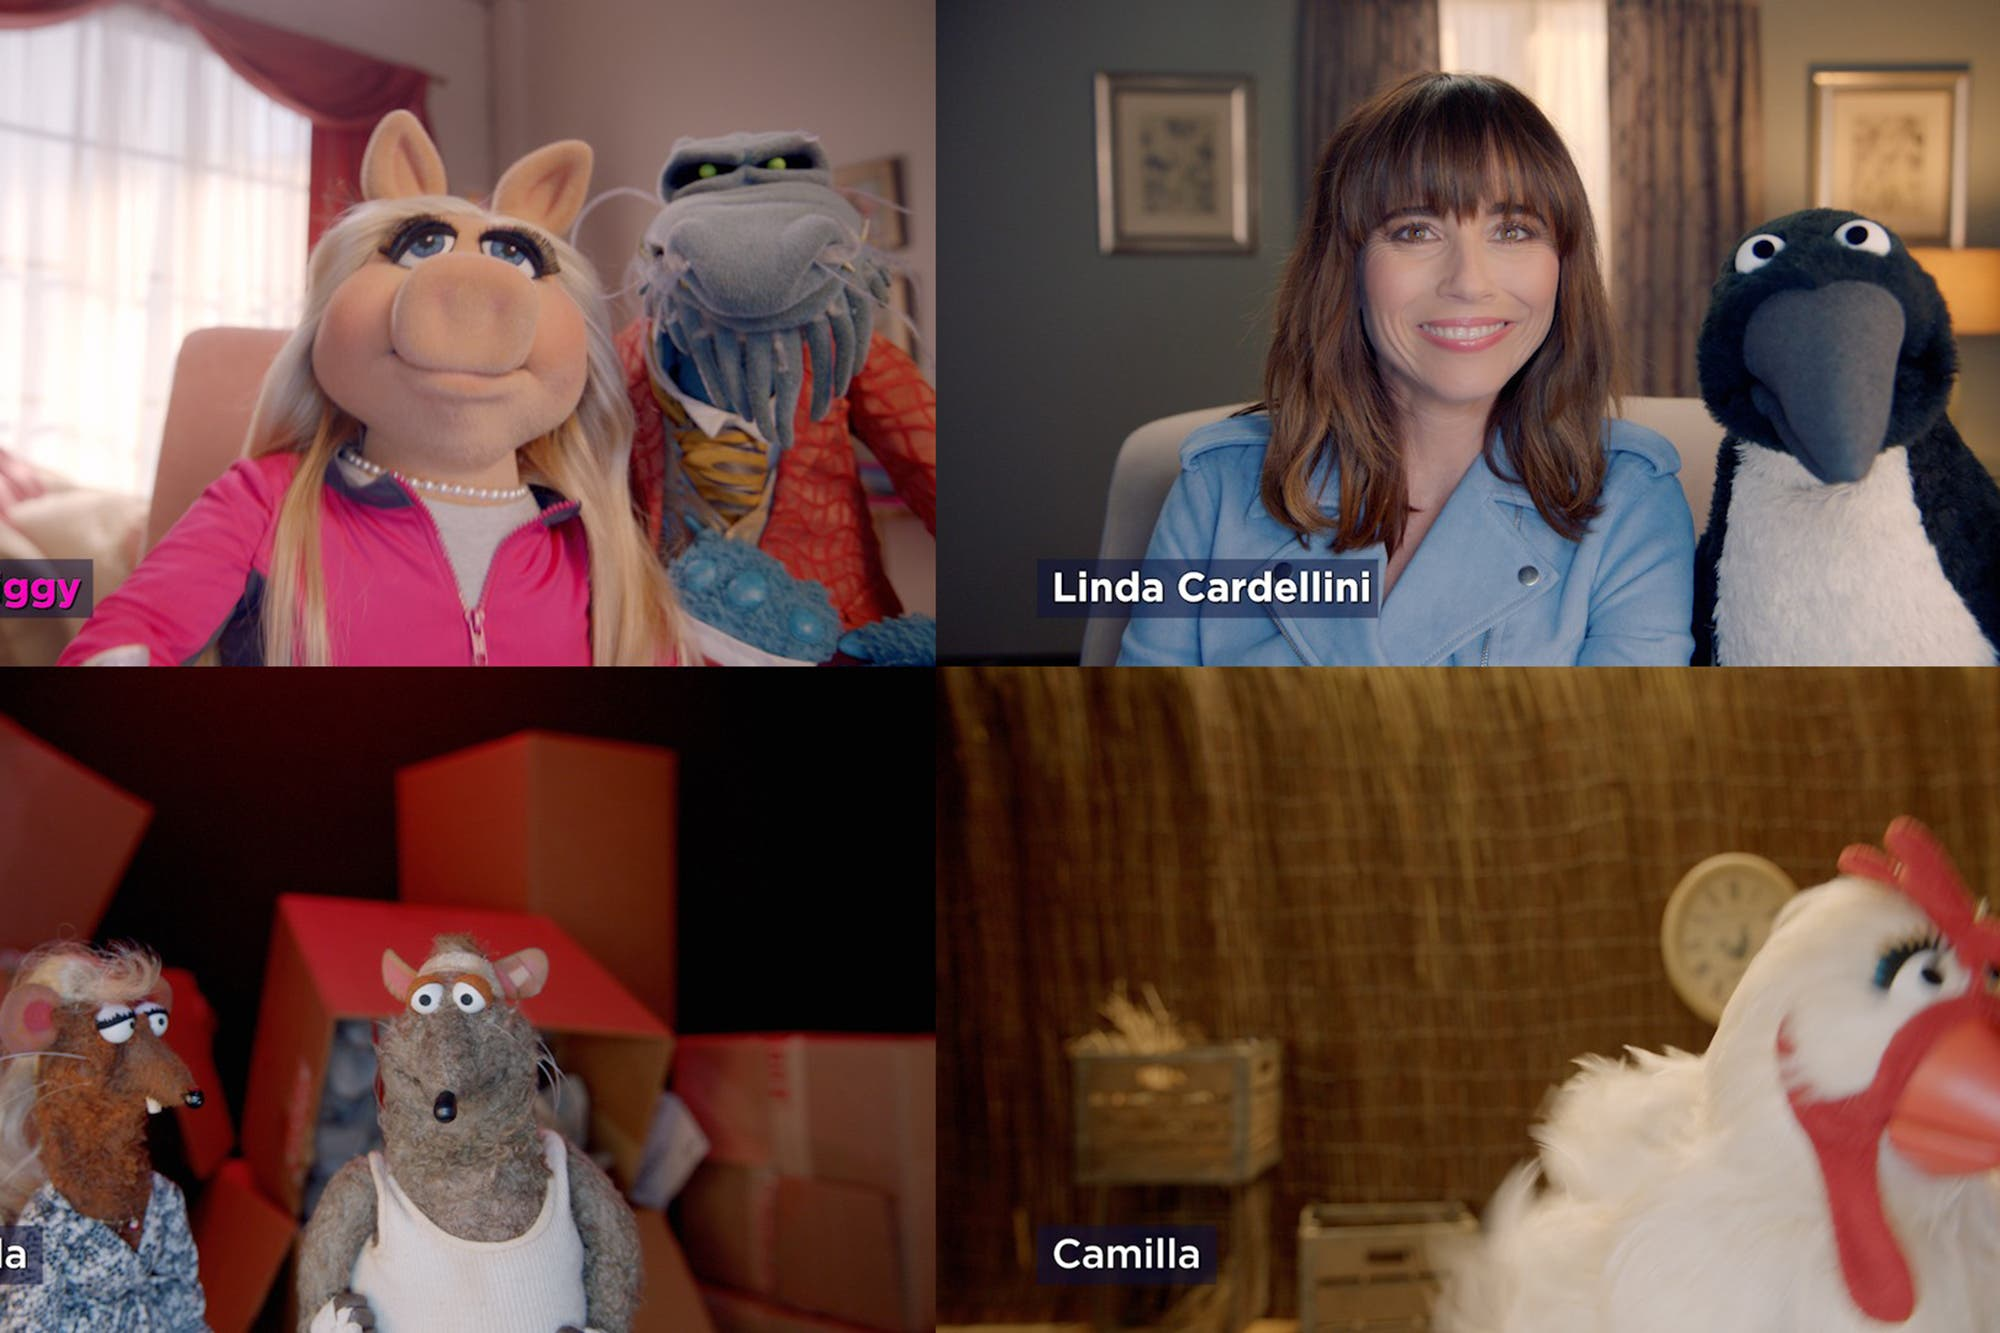 Disney+: los Muppets entran en la era digital sin perder su esencia